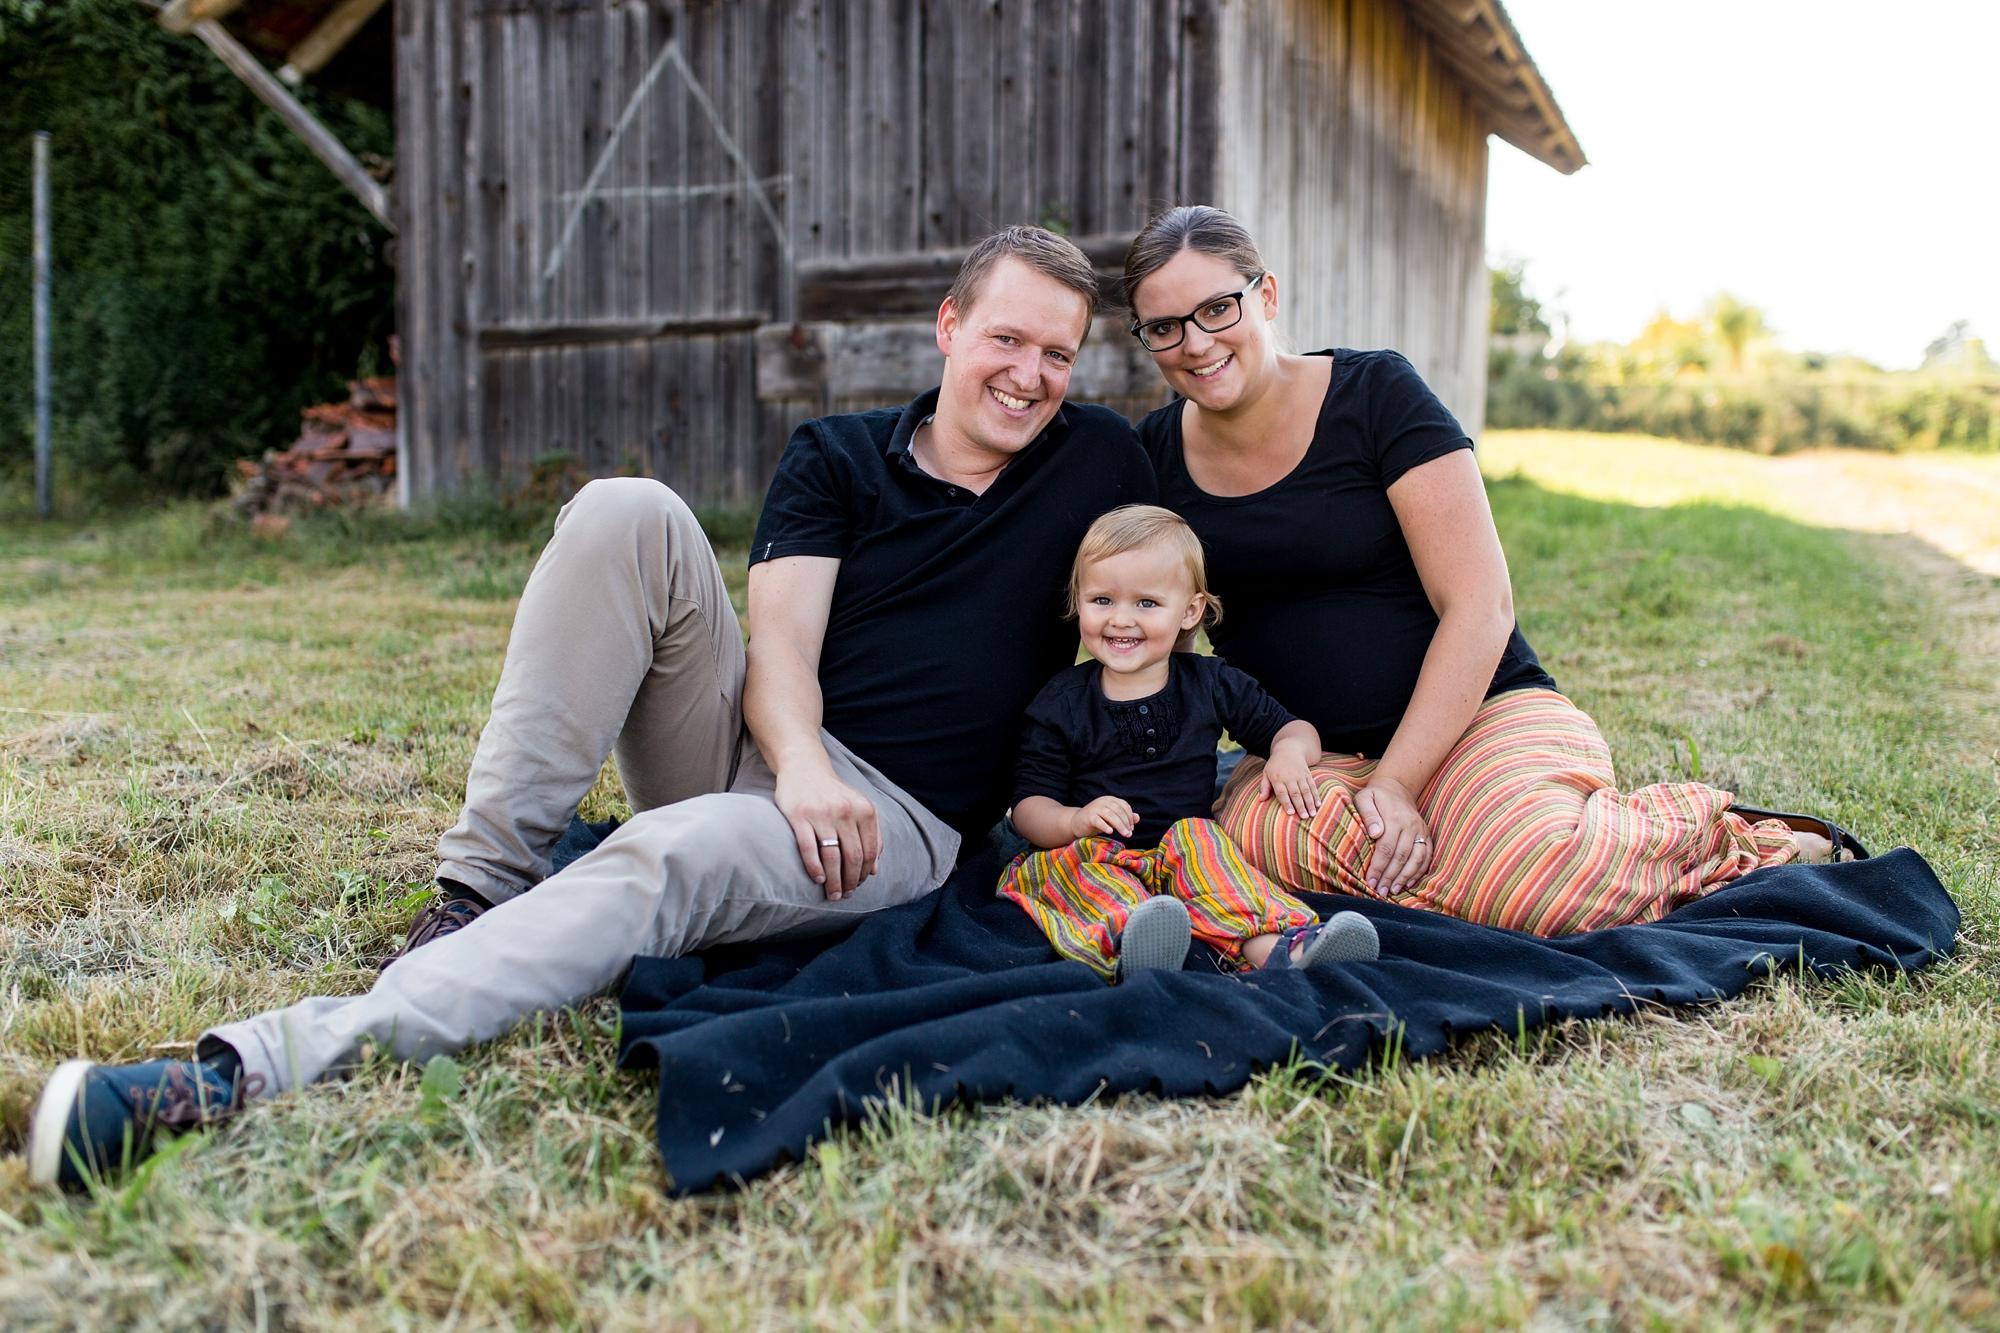 Eltern sitzen mit Tochter auf Decke